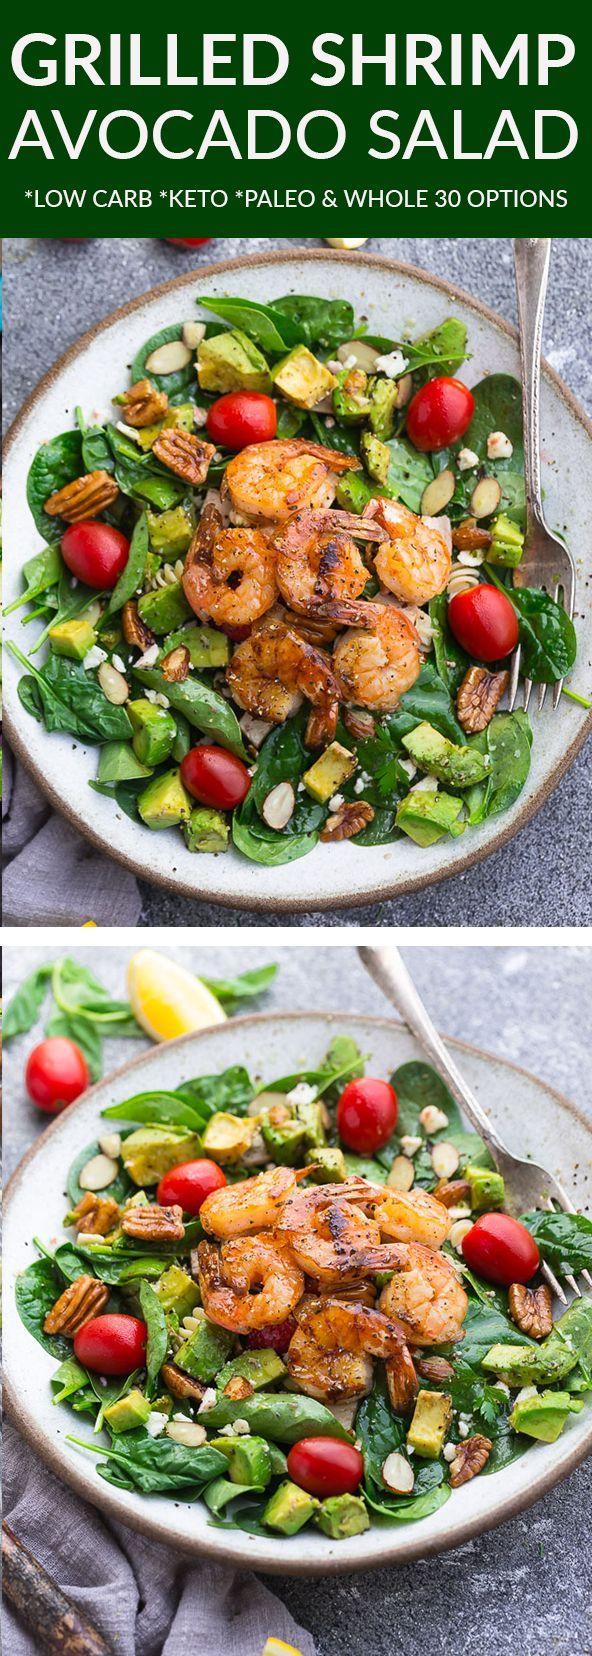 Spinach Avocado Shrimp Salad images